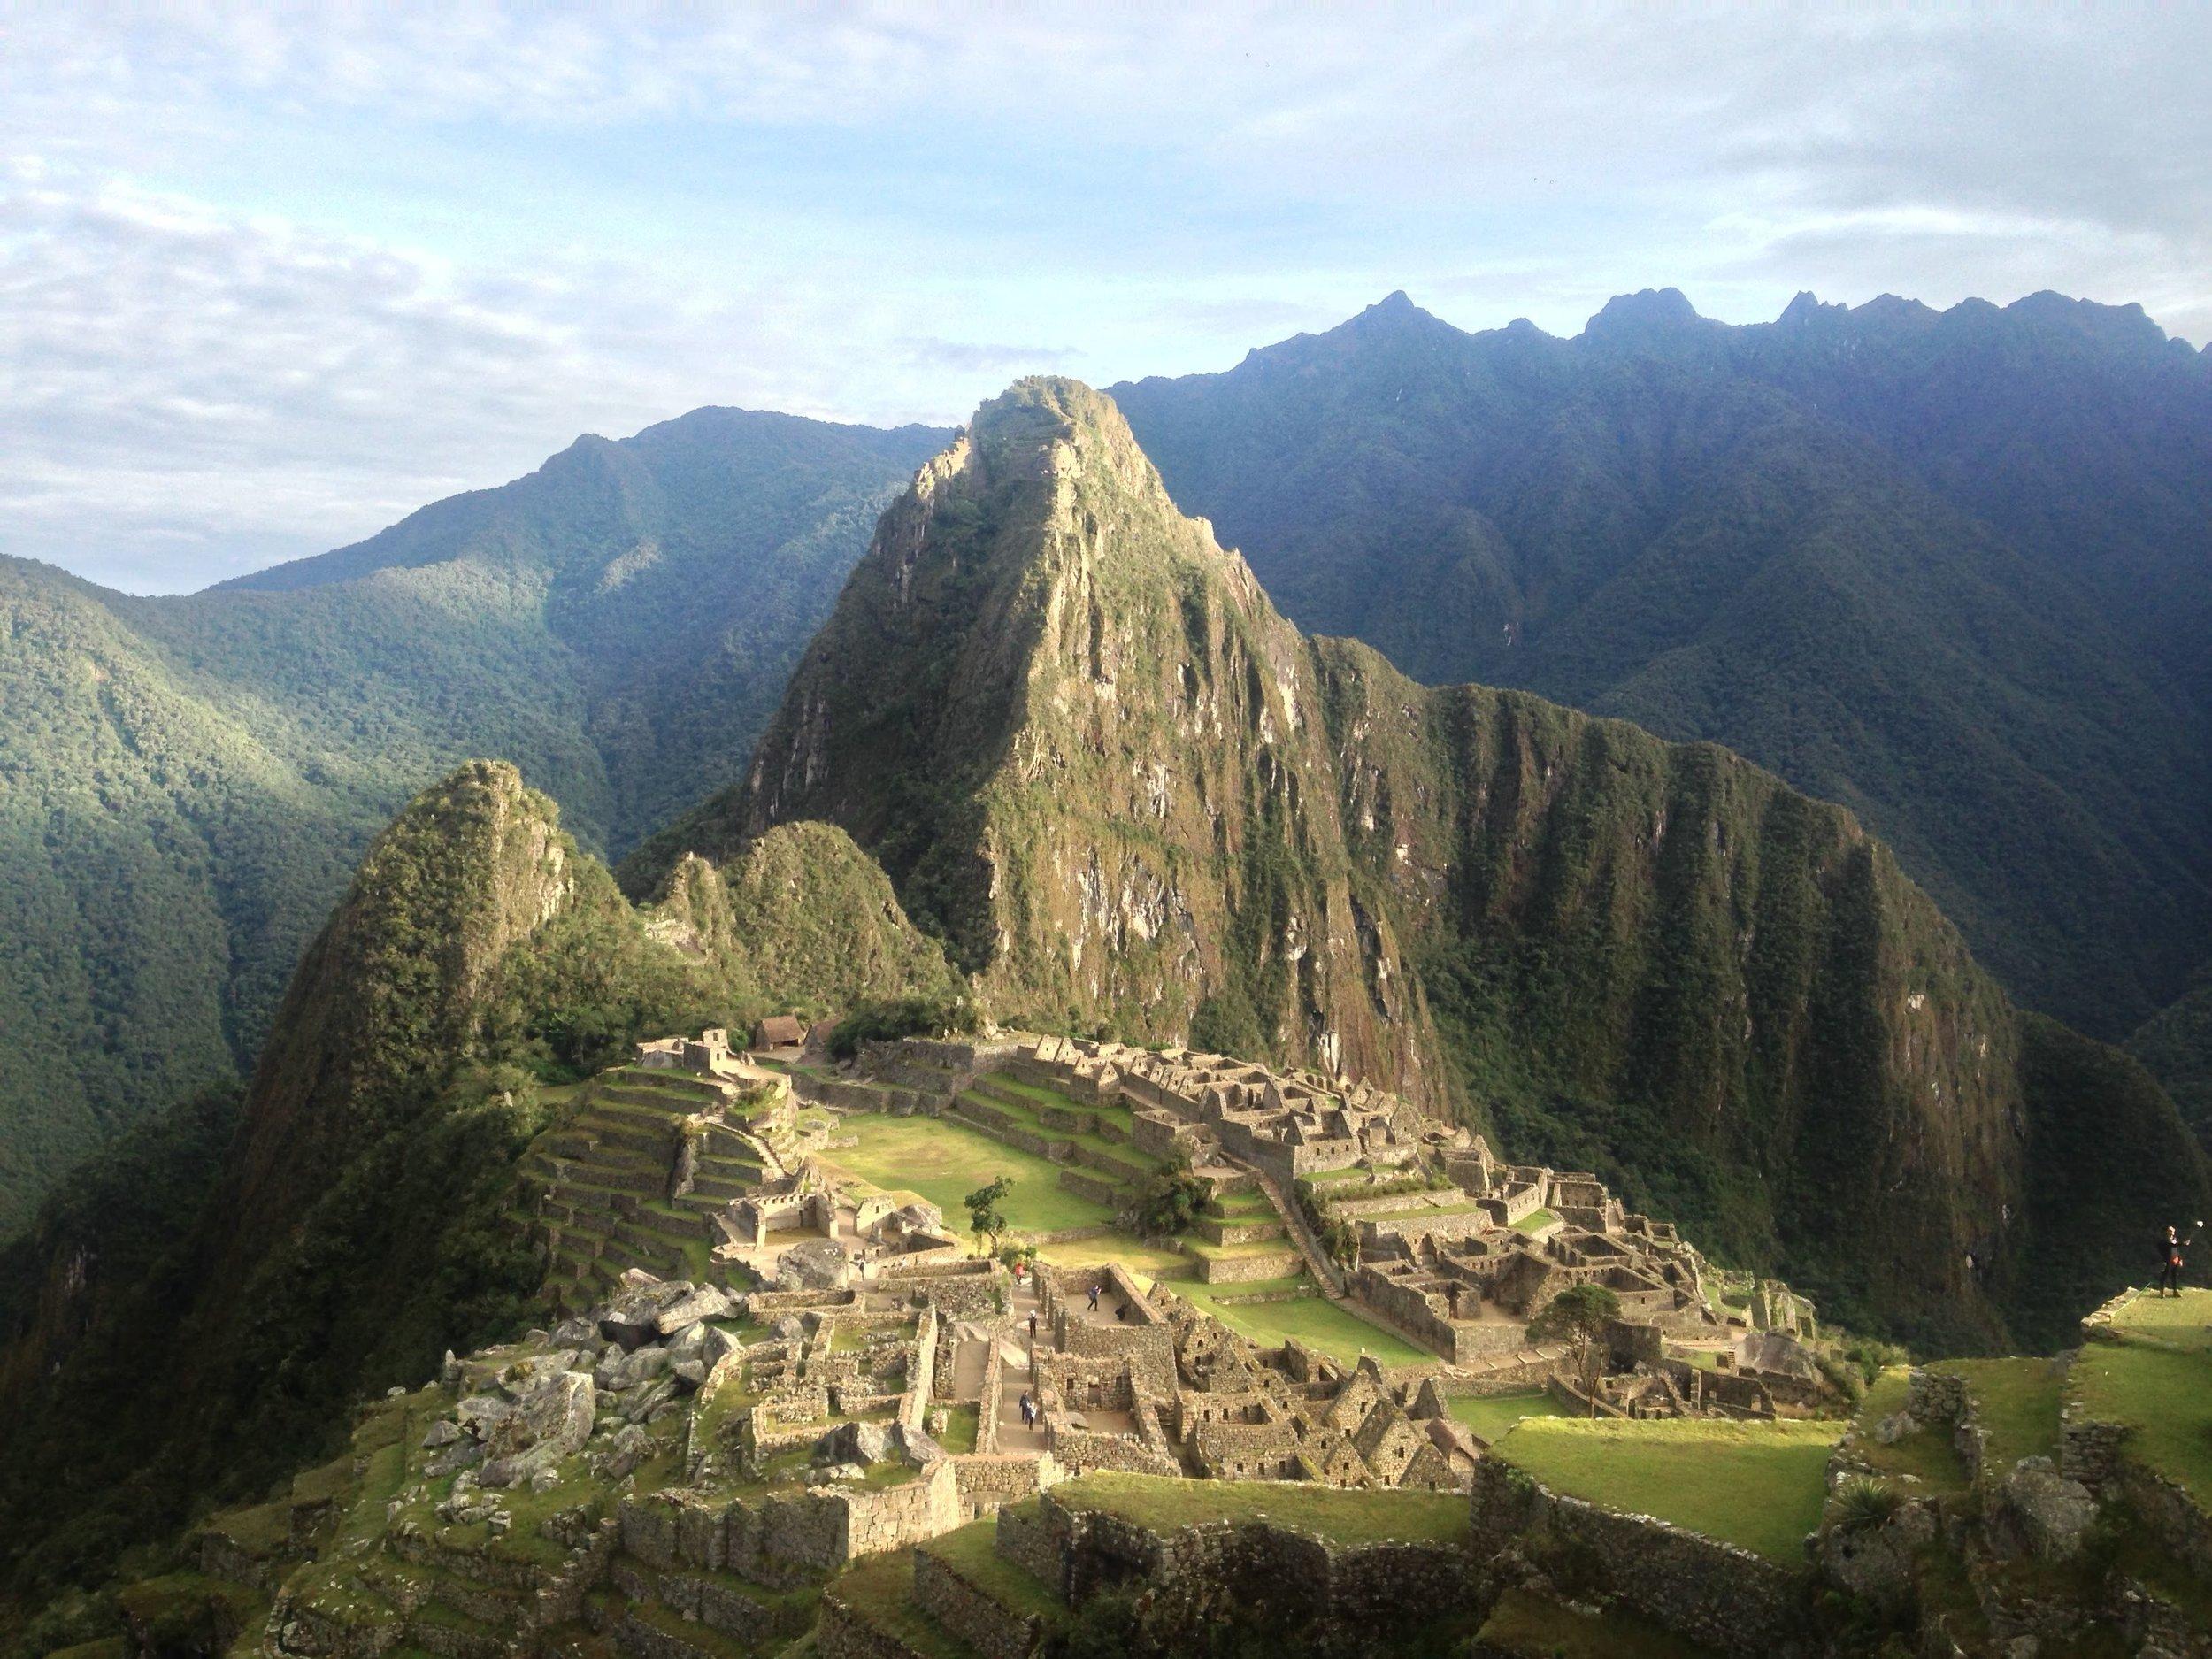 The Classic Machu Picchu photo